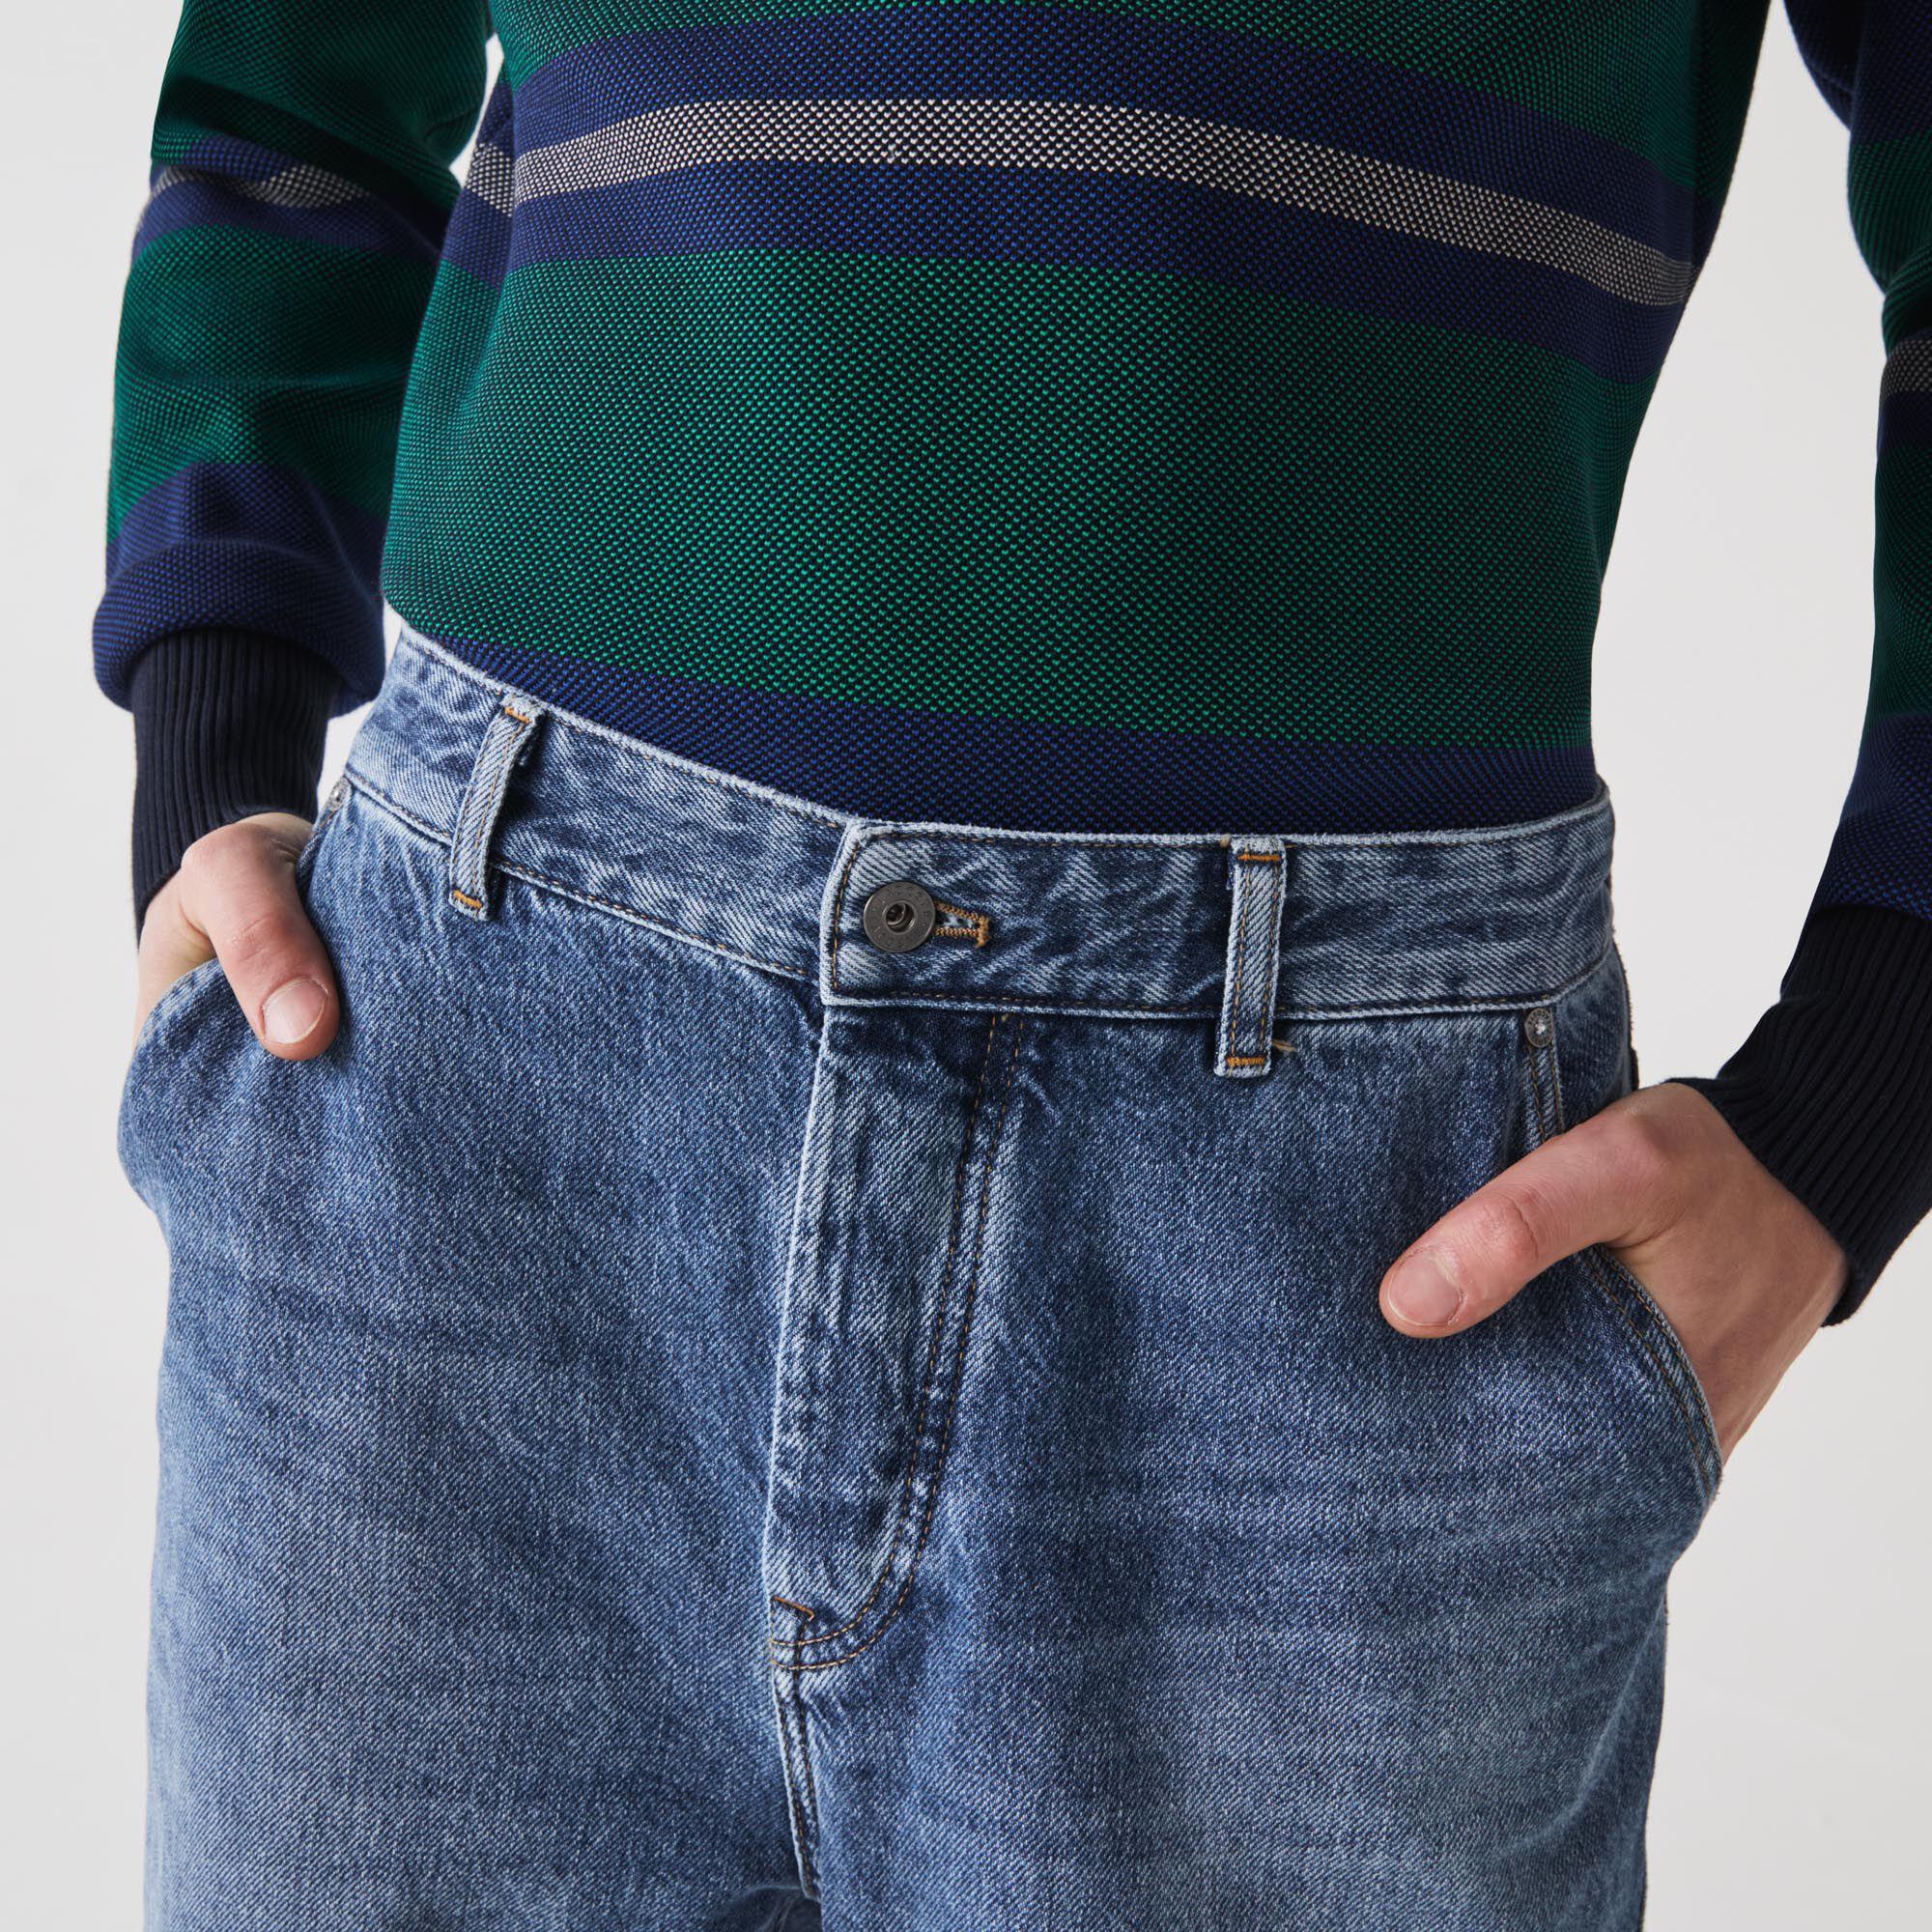 بنطال جينز دنيم قطني للرجال بقصة فضفاضة وخمسة جيوب